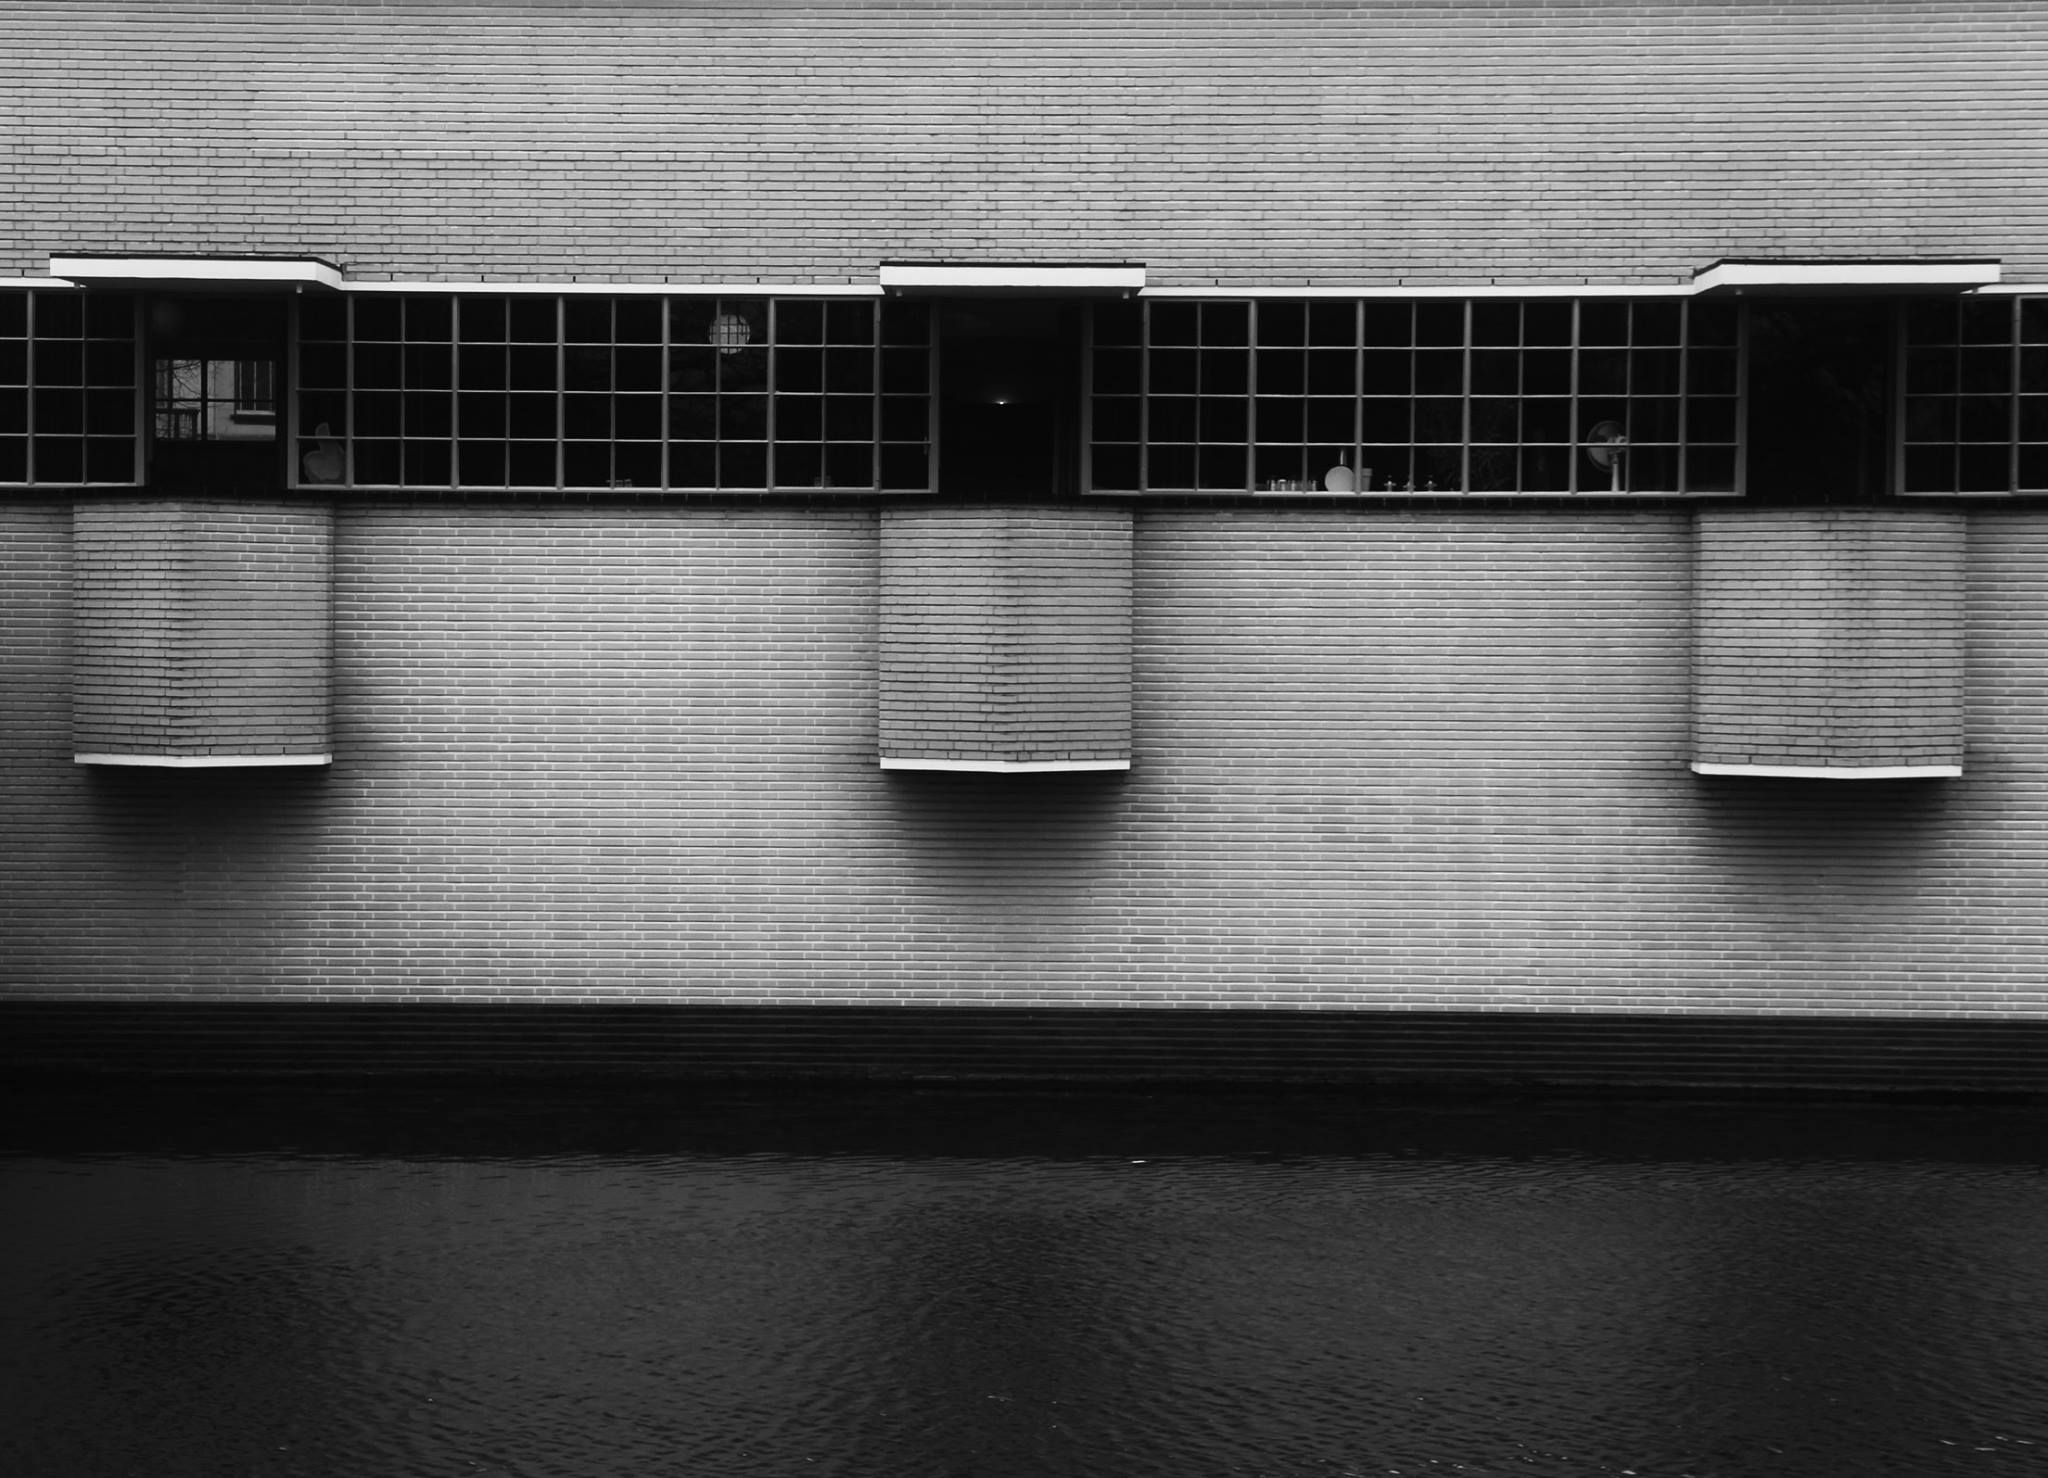 Werkkamers met erker in het door Dudok ontworpen raadshuis in Hilversum